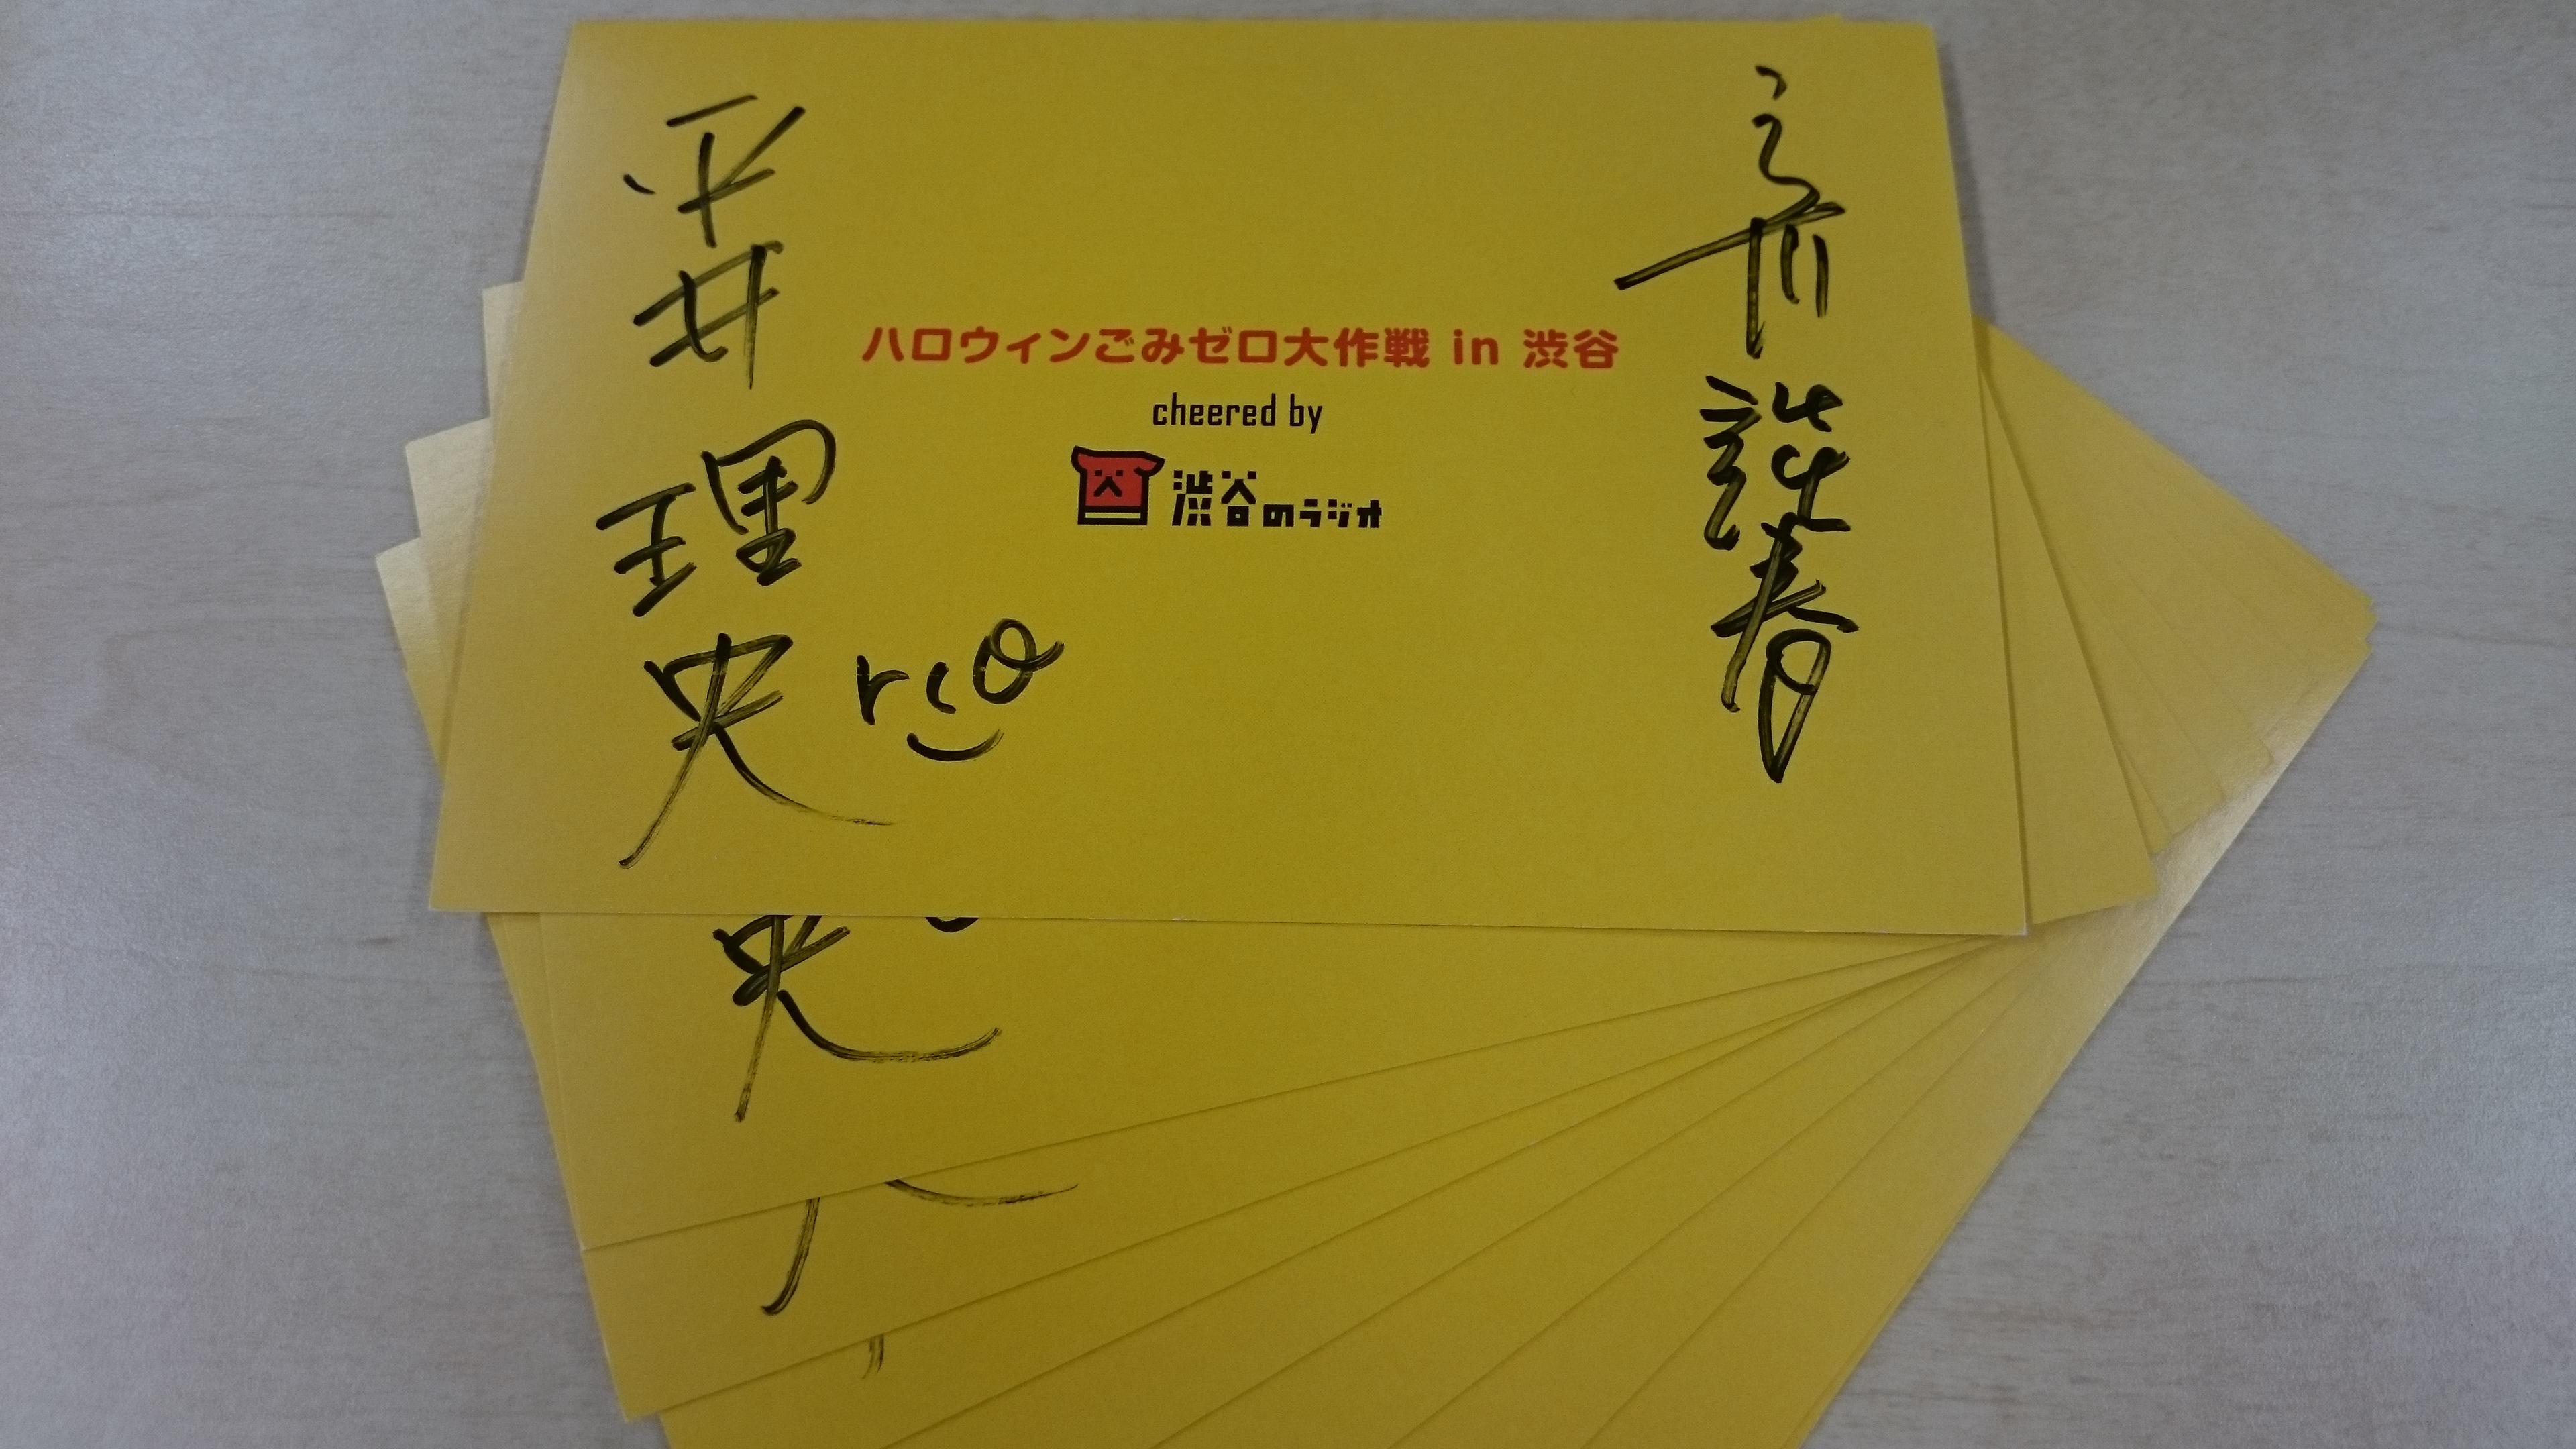 平井理央&立川談春.JPG width=